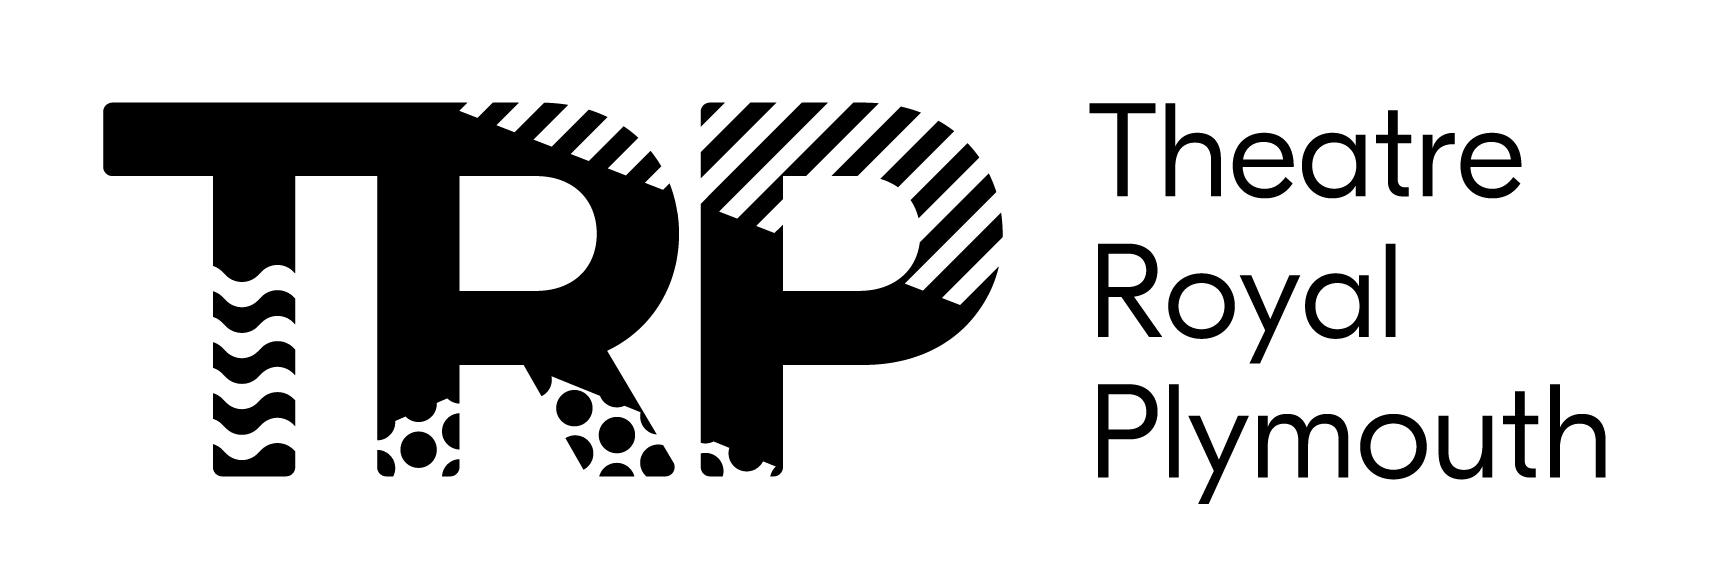 TRP_logotype_black